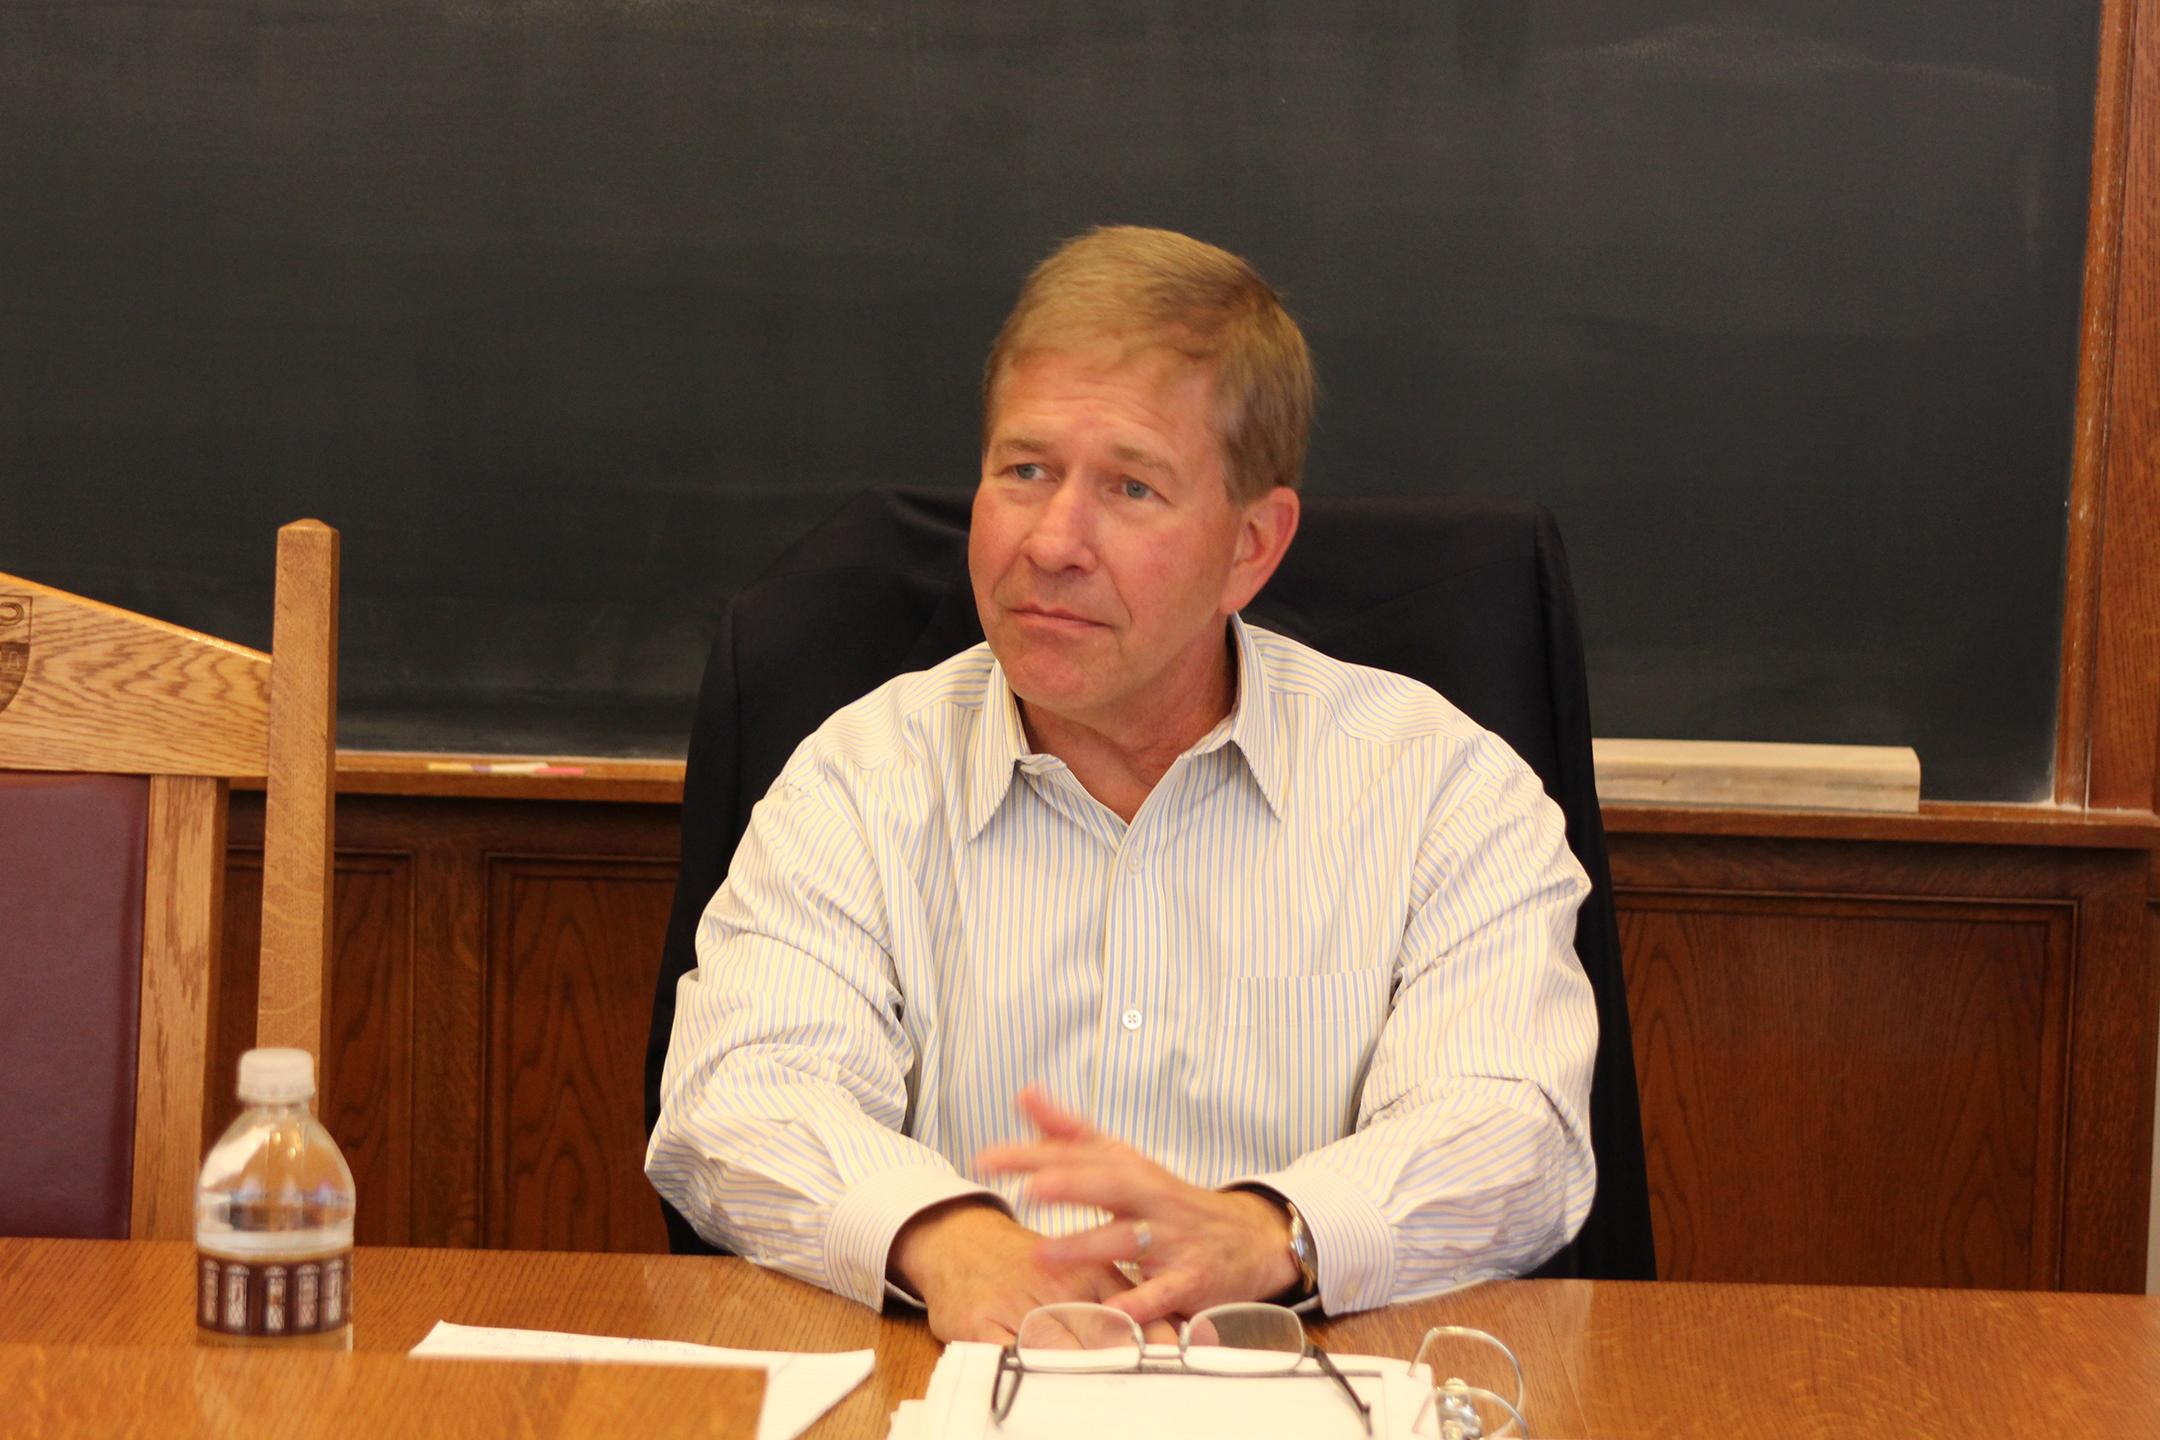 Gregg Engles '82